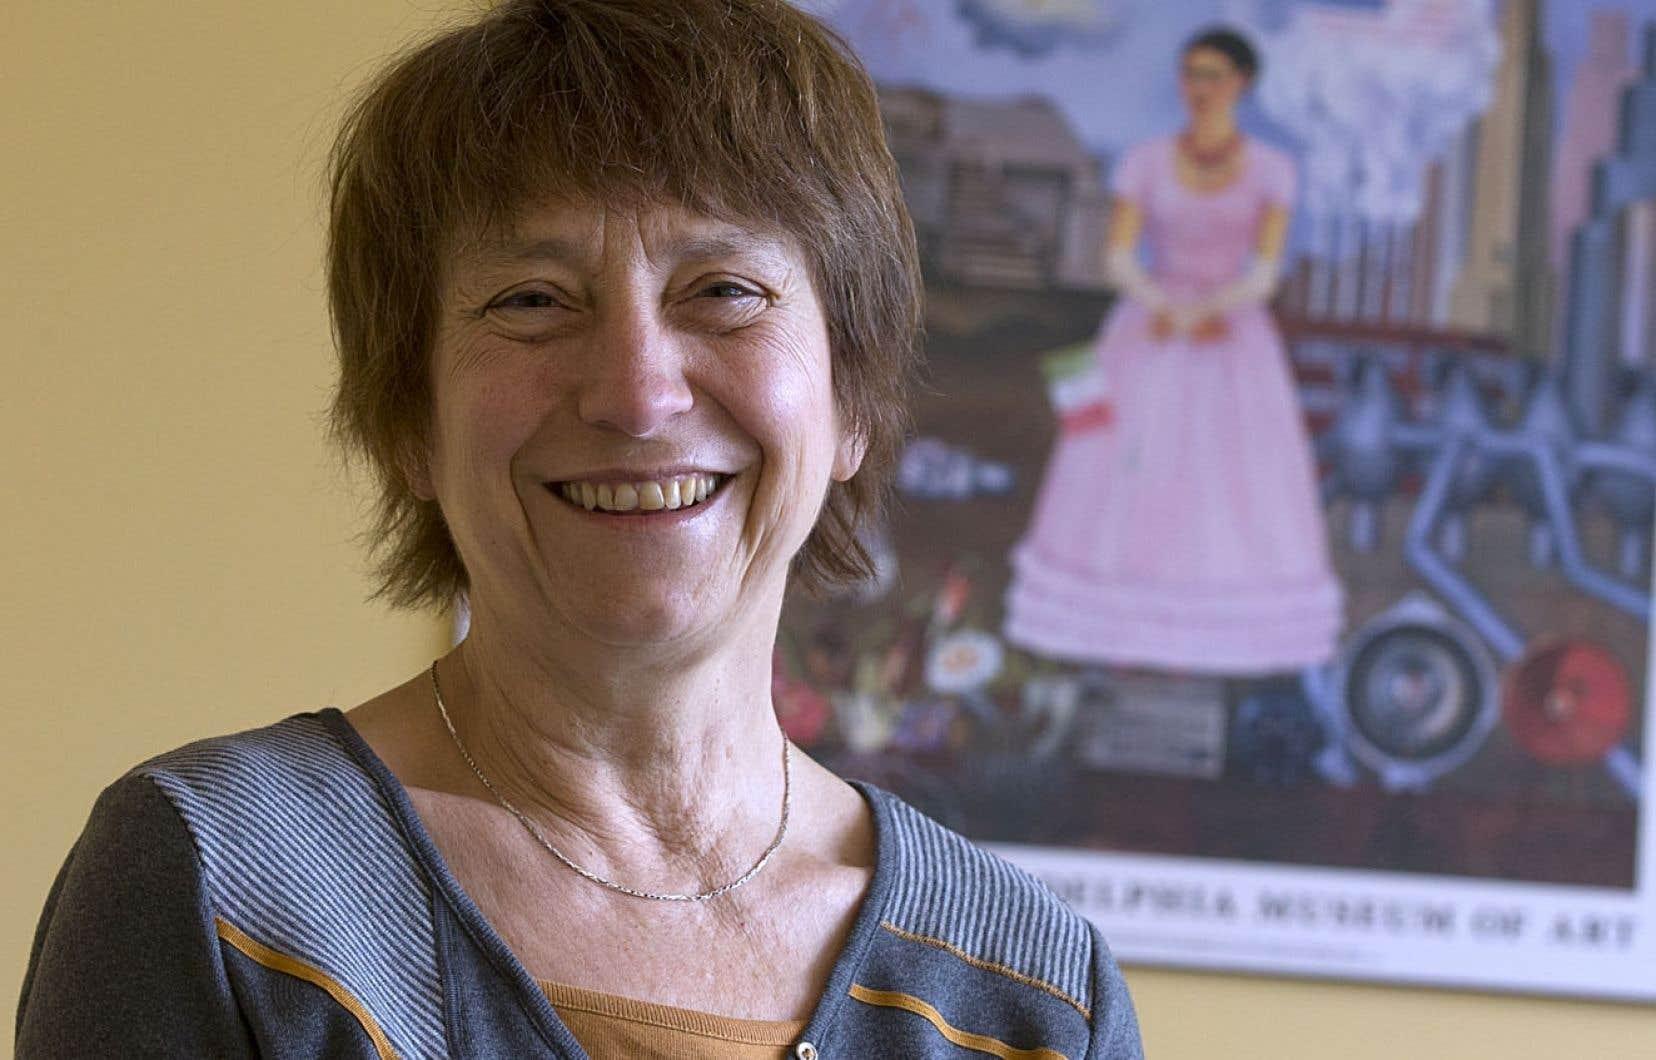 Françoise David, coporte-parole de Québec solidaire, imagine de plus en plus mal comment son parti pourrait faire alliance avec celui de Pauline Marois.